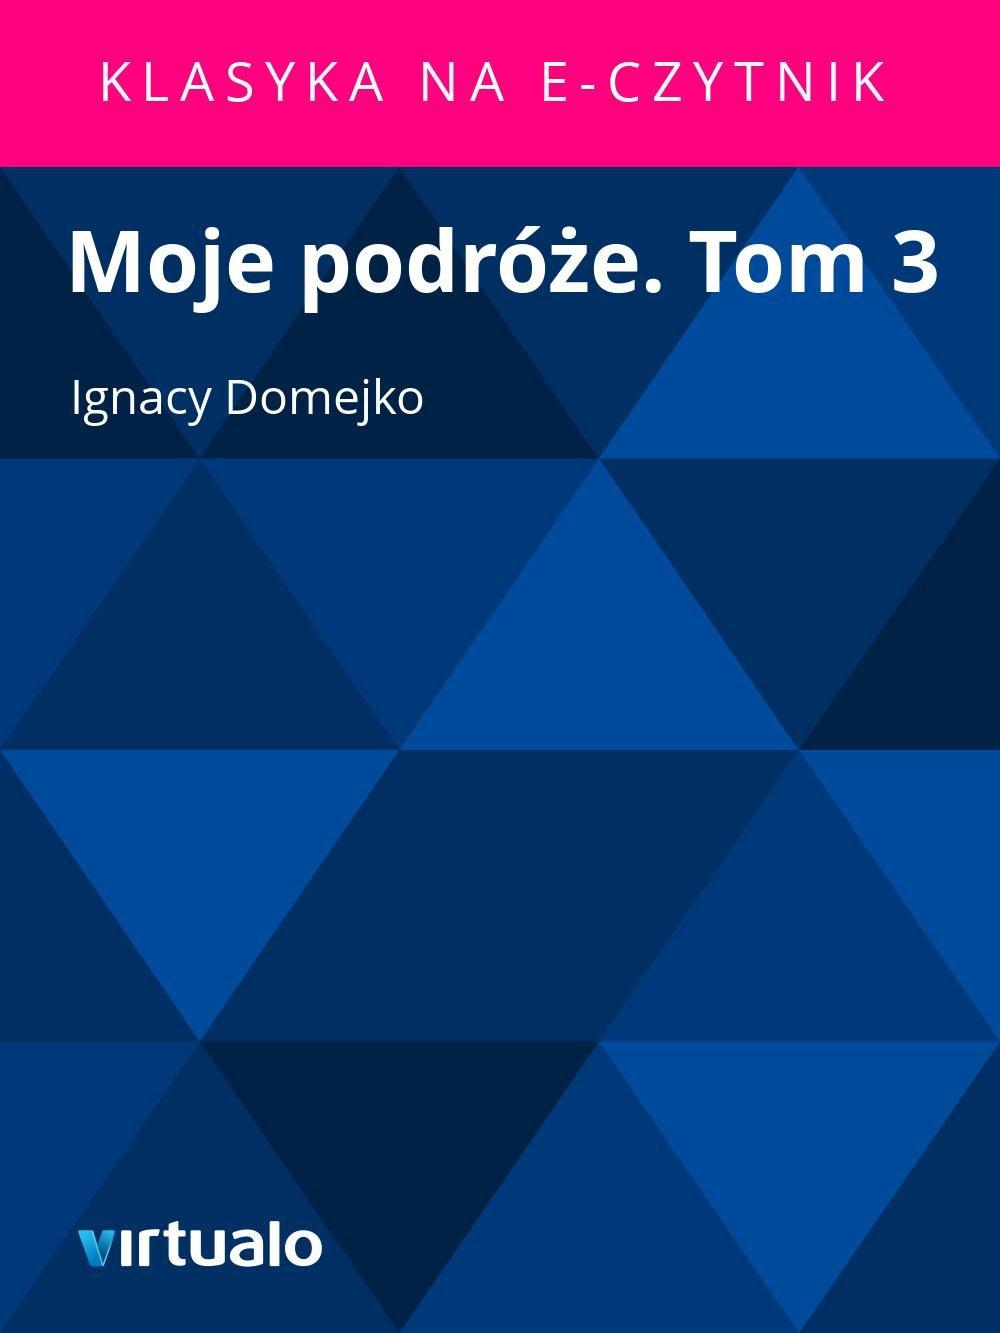 Moje podróże. Tom 3 - Ebook (Książka EPUB) do pobrania w formacie EPUB